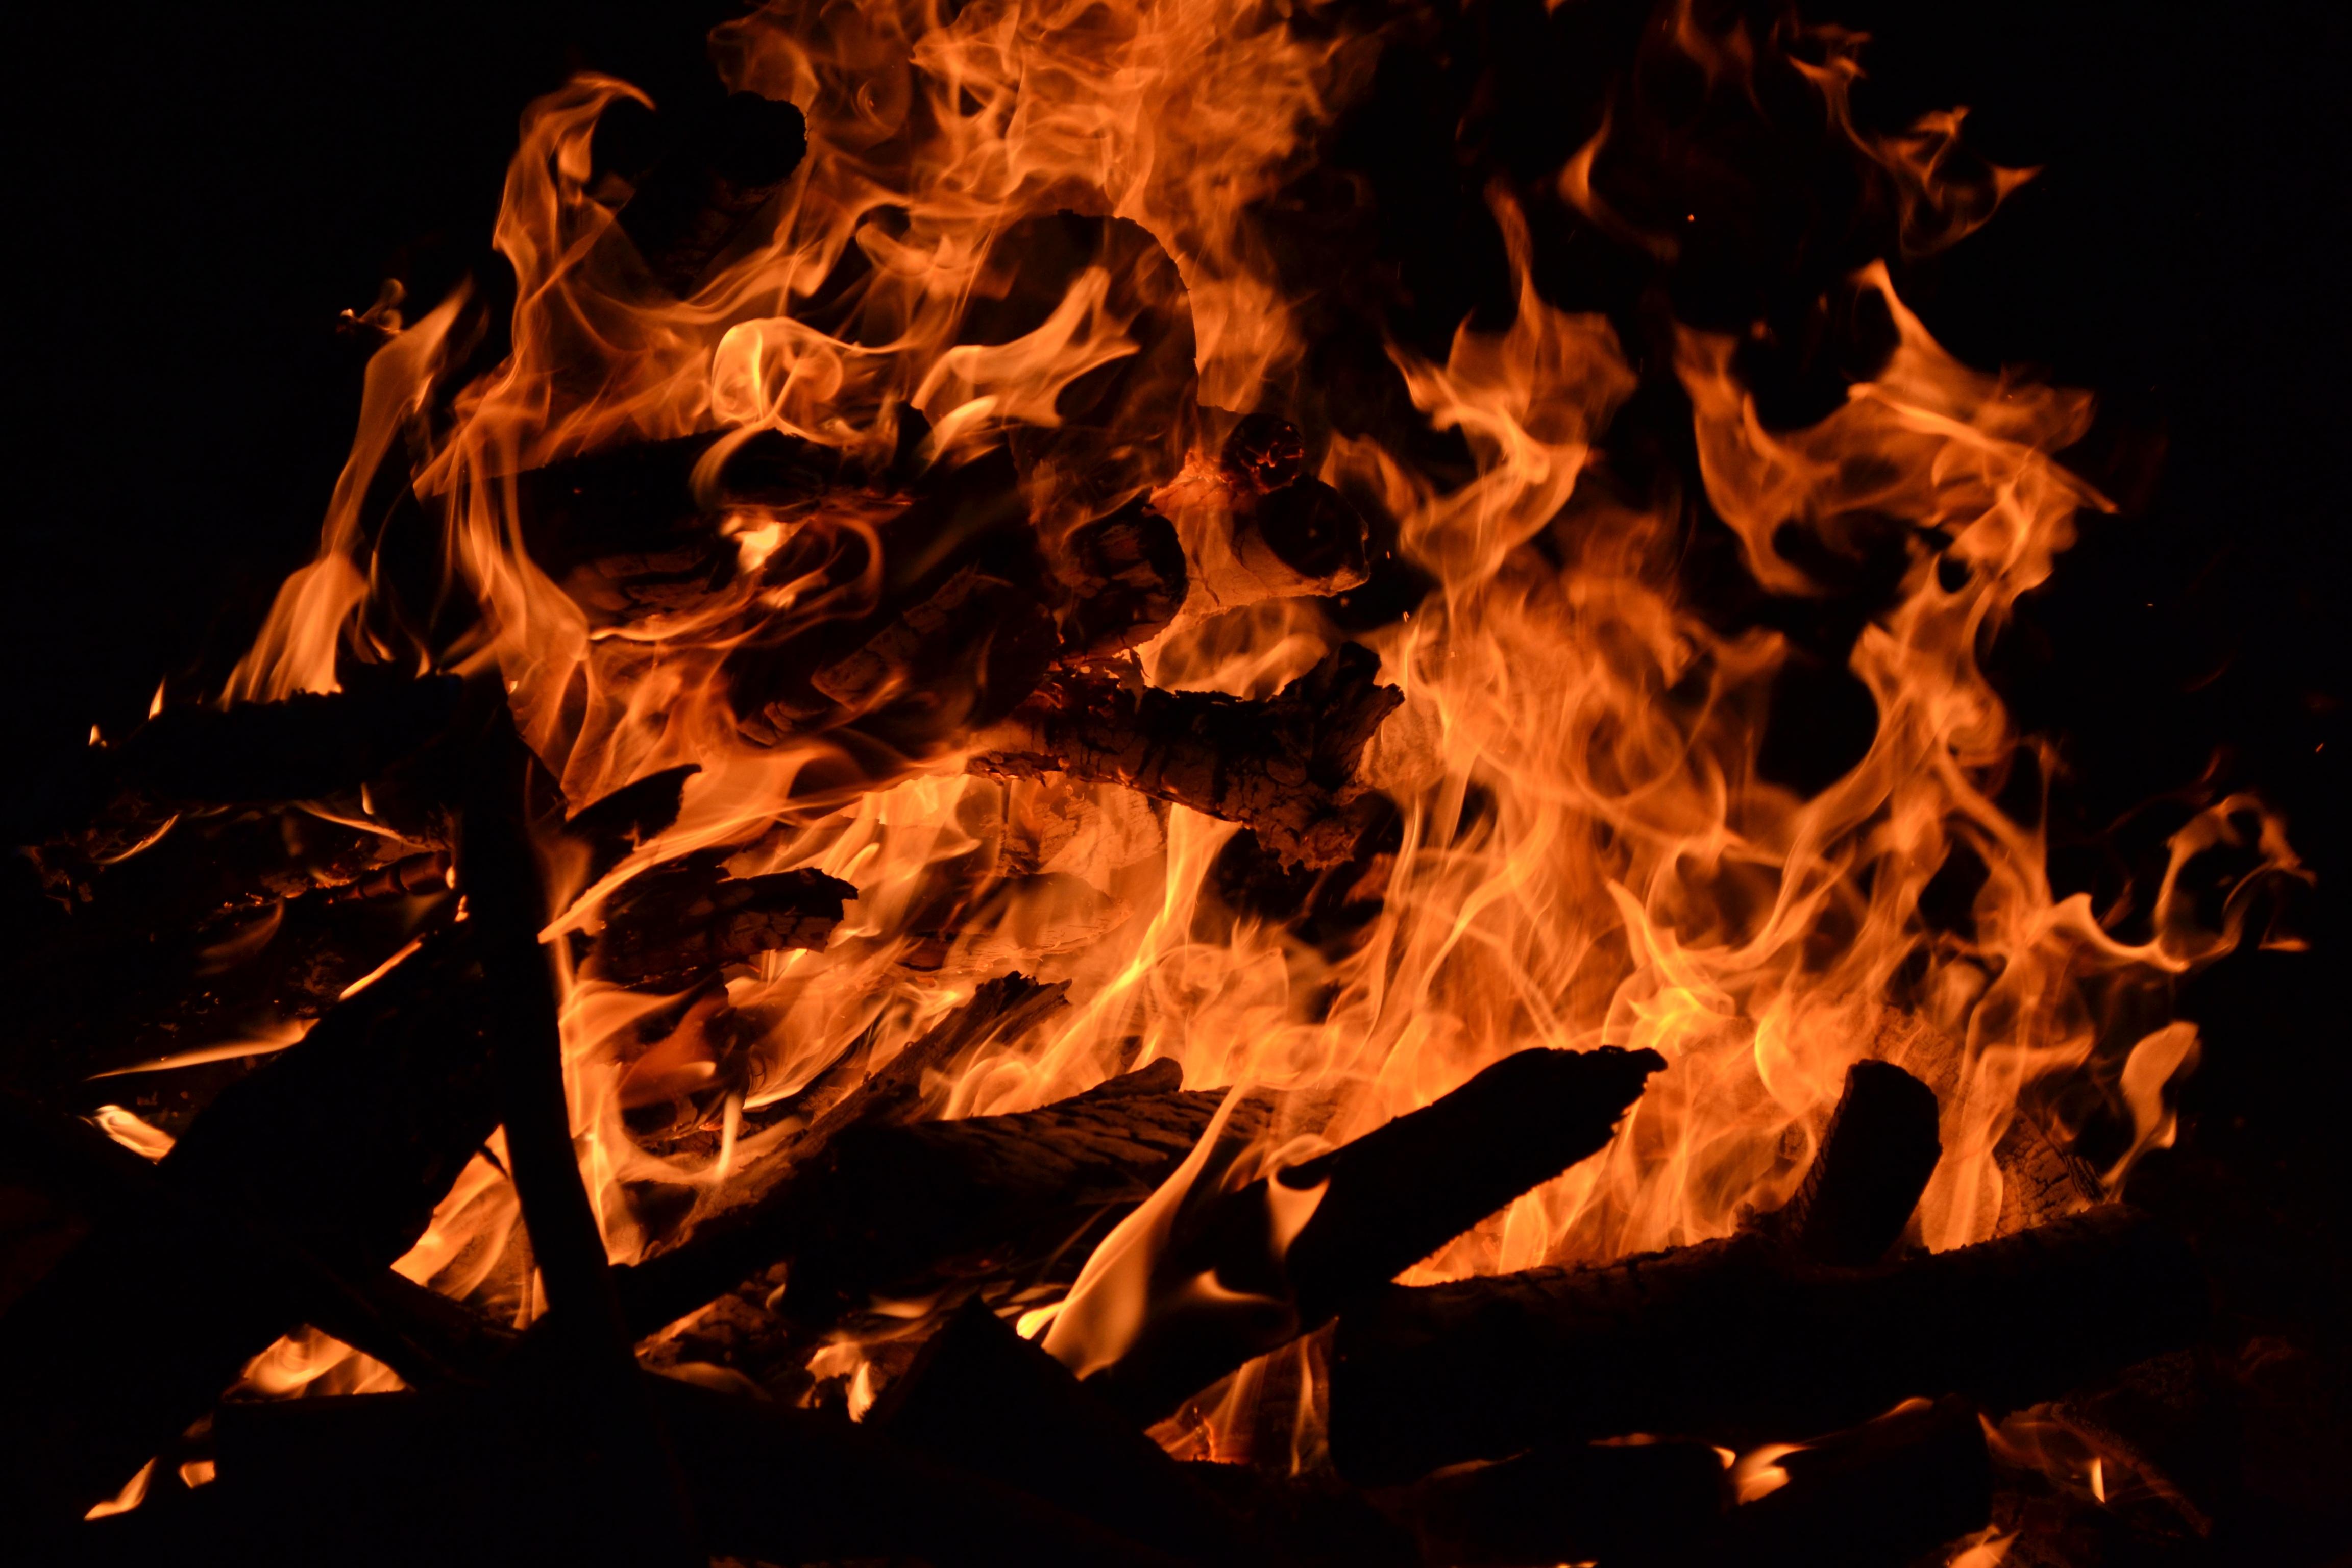 картинки горит огонь ненастоящий